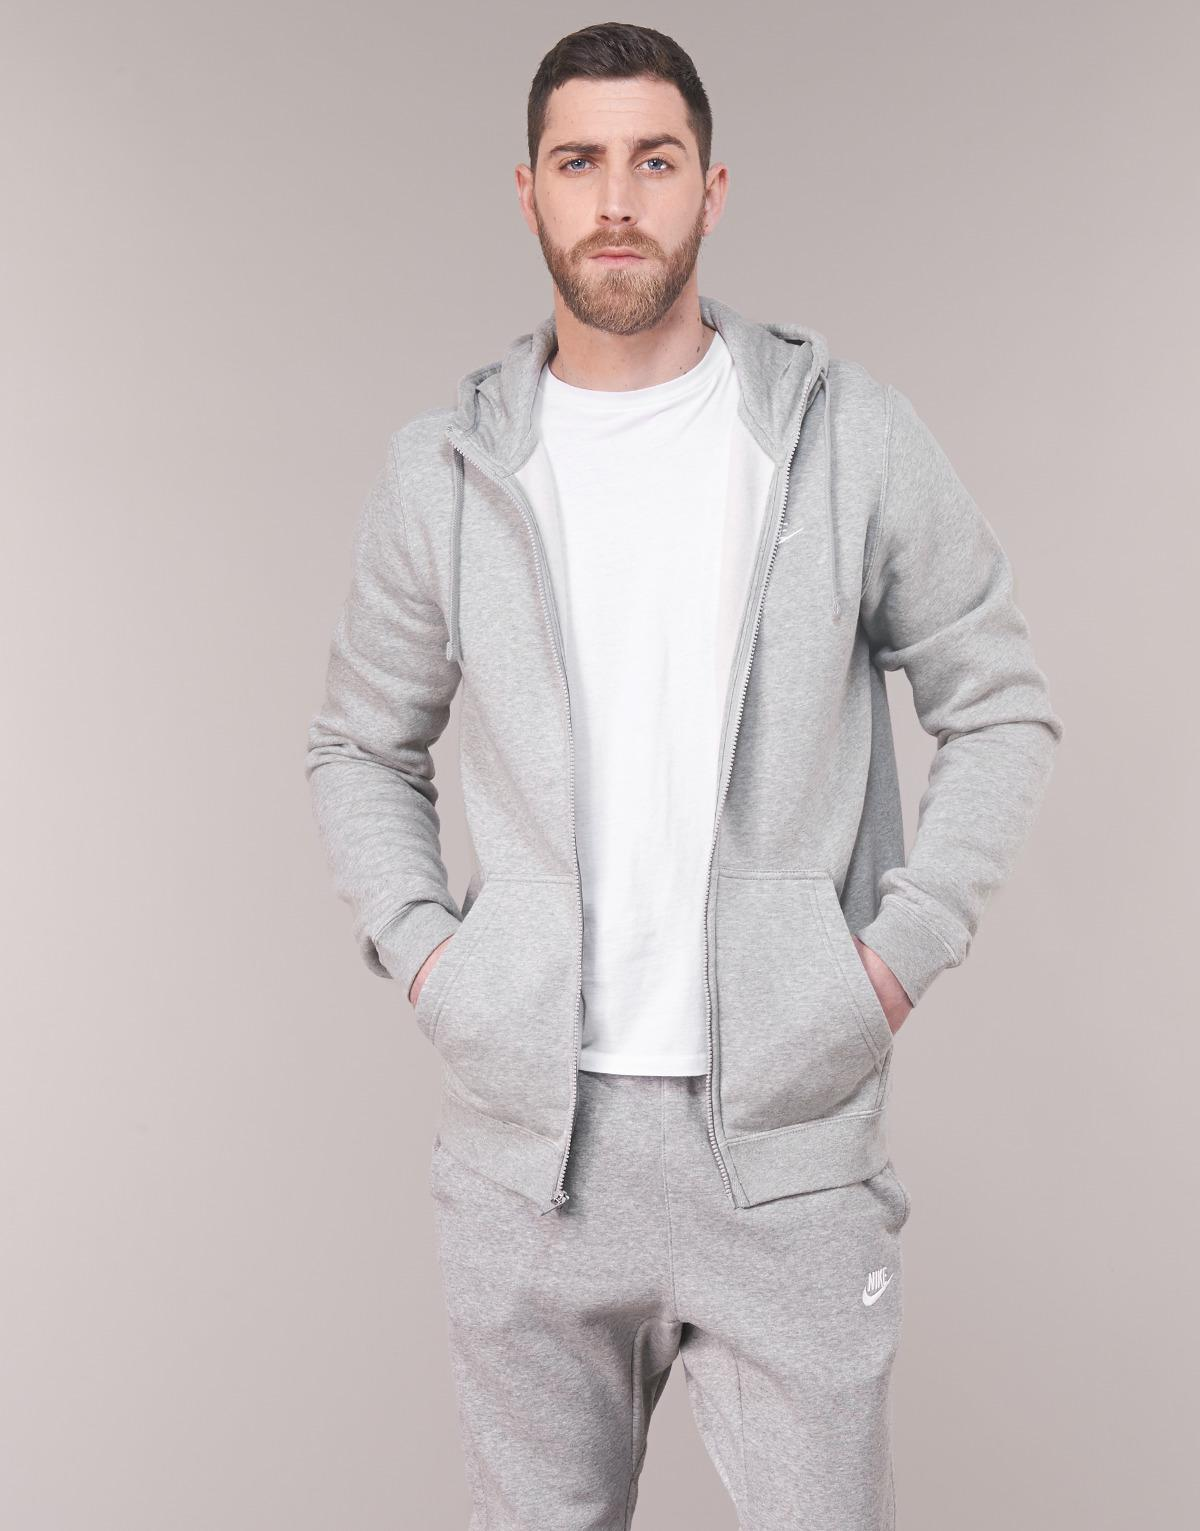 aca6e35d Nike Men's Sportswear Hoodie Sweatshirt in Gray for Men - Lyst